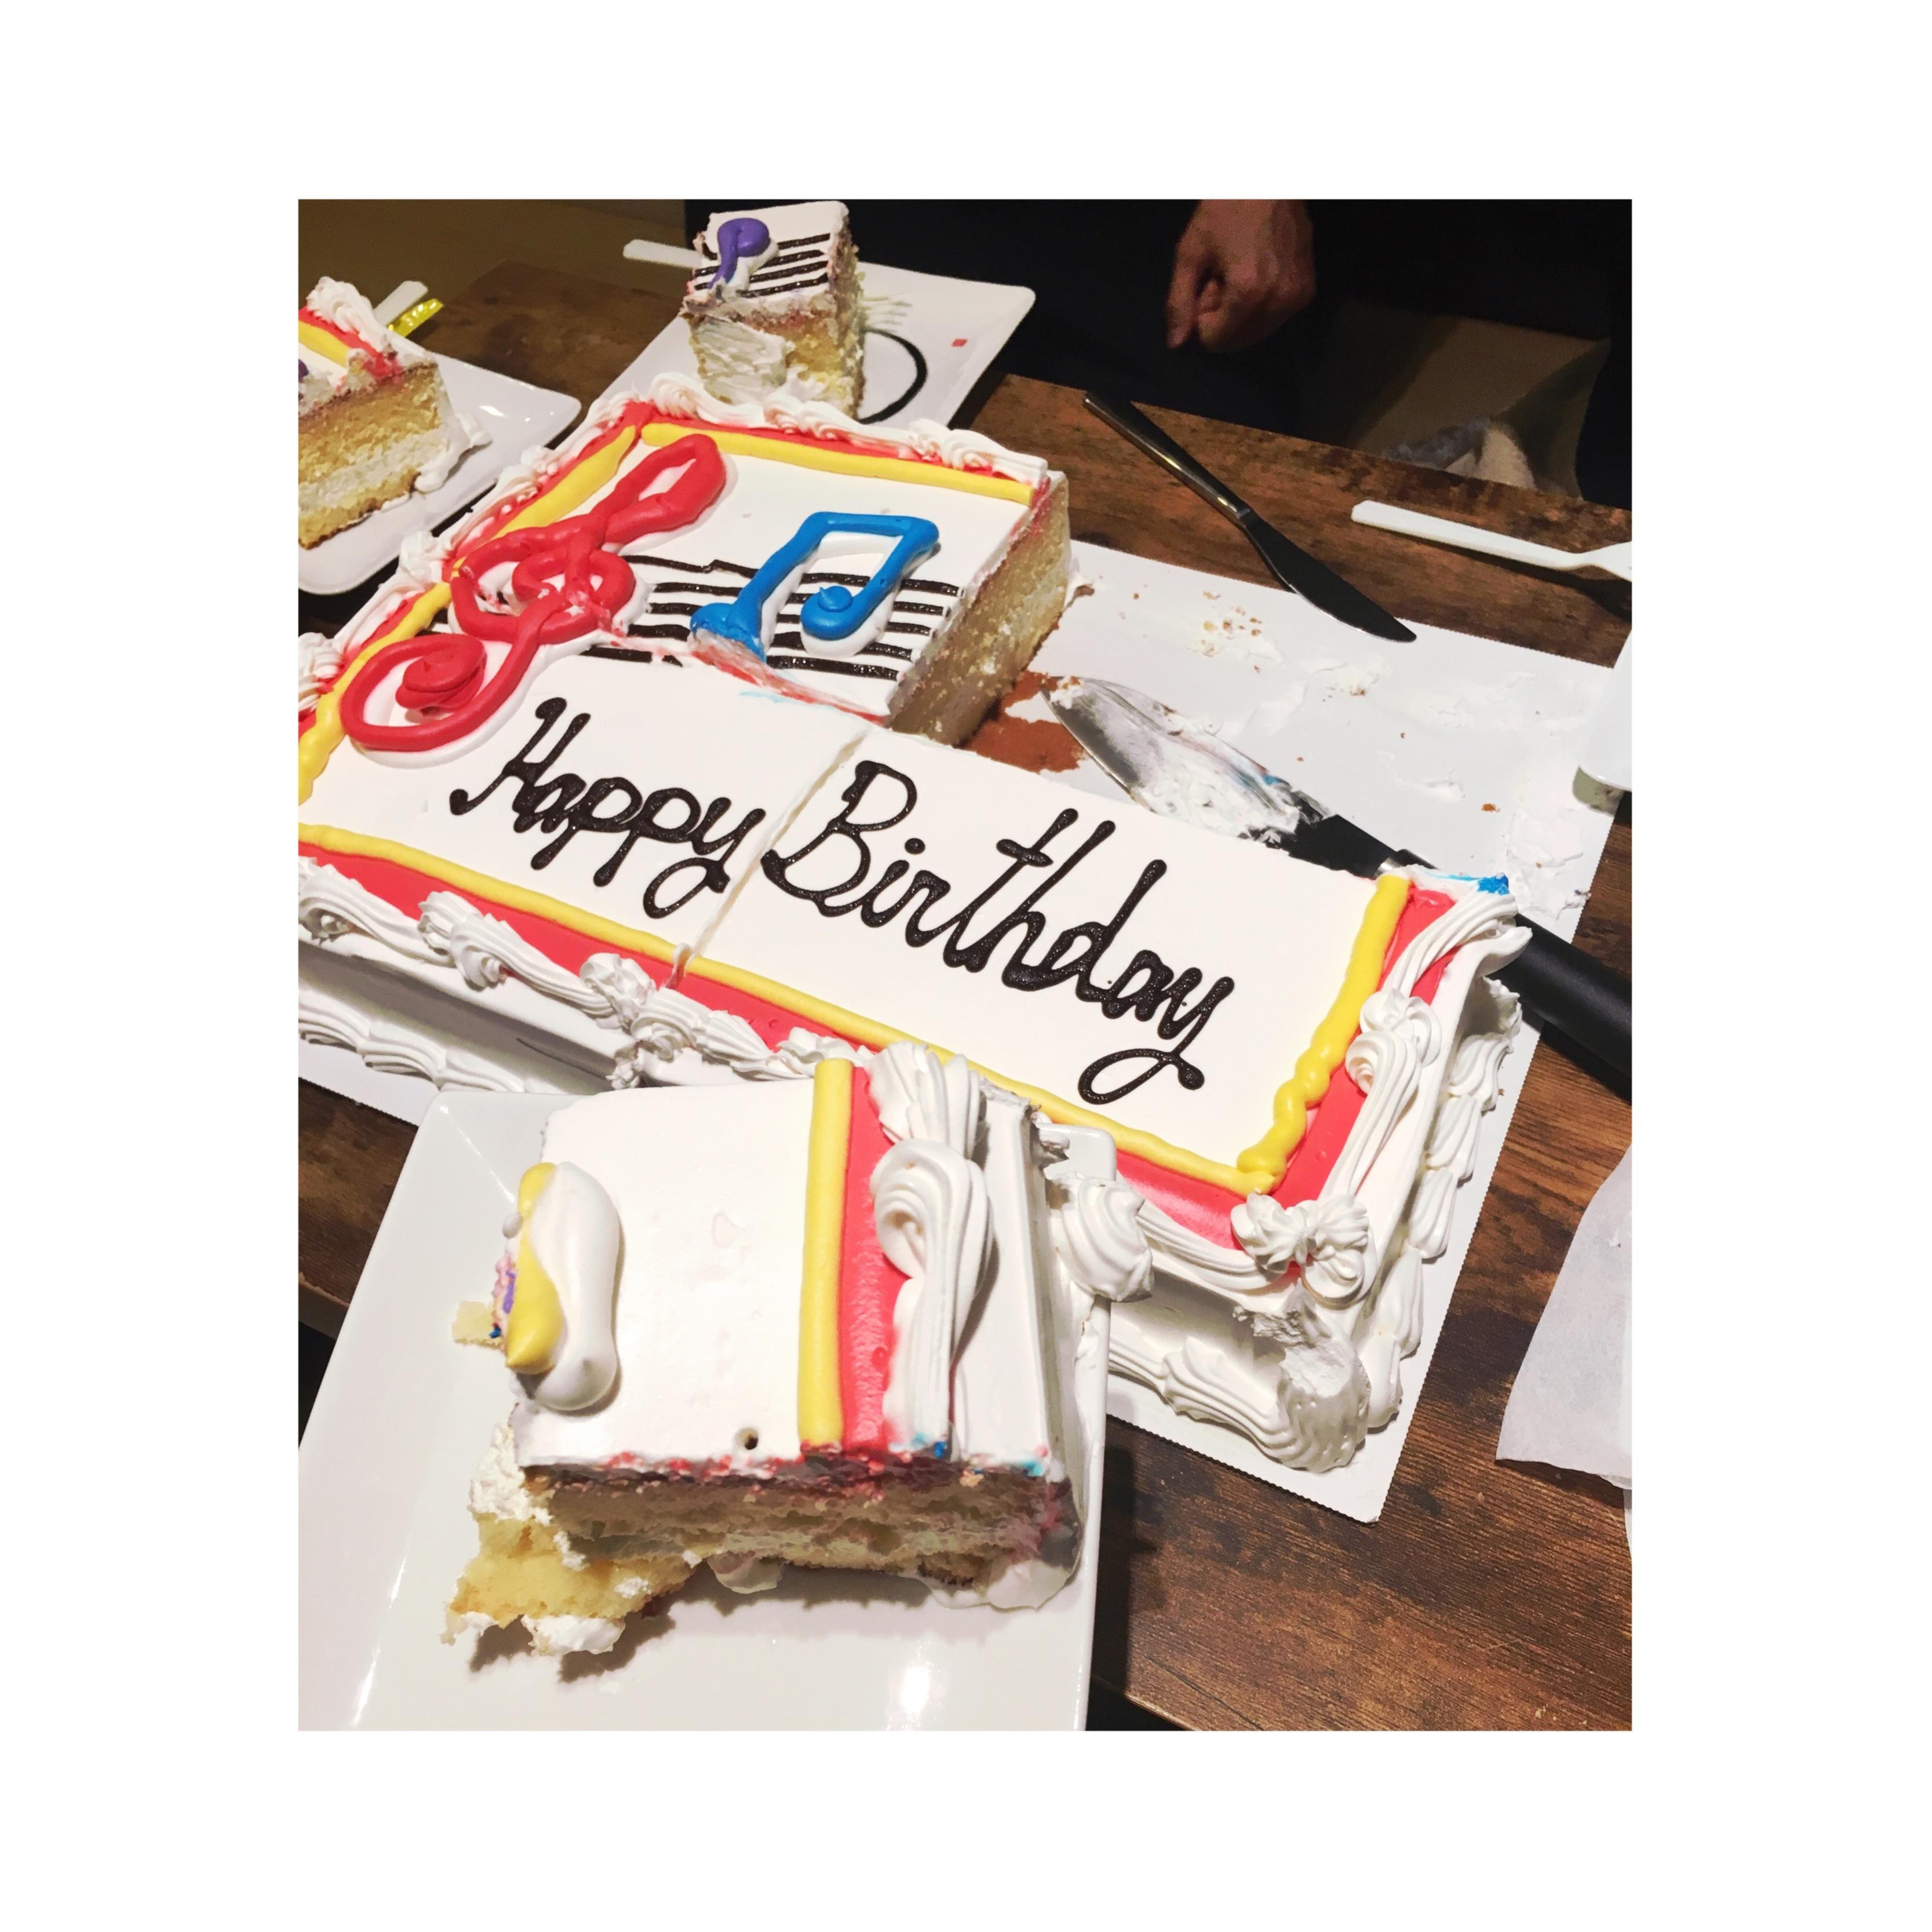 《インパクト大!★》【コストコ】の特大ケーキで誕生日のお祝いをしました❤️_5